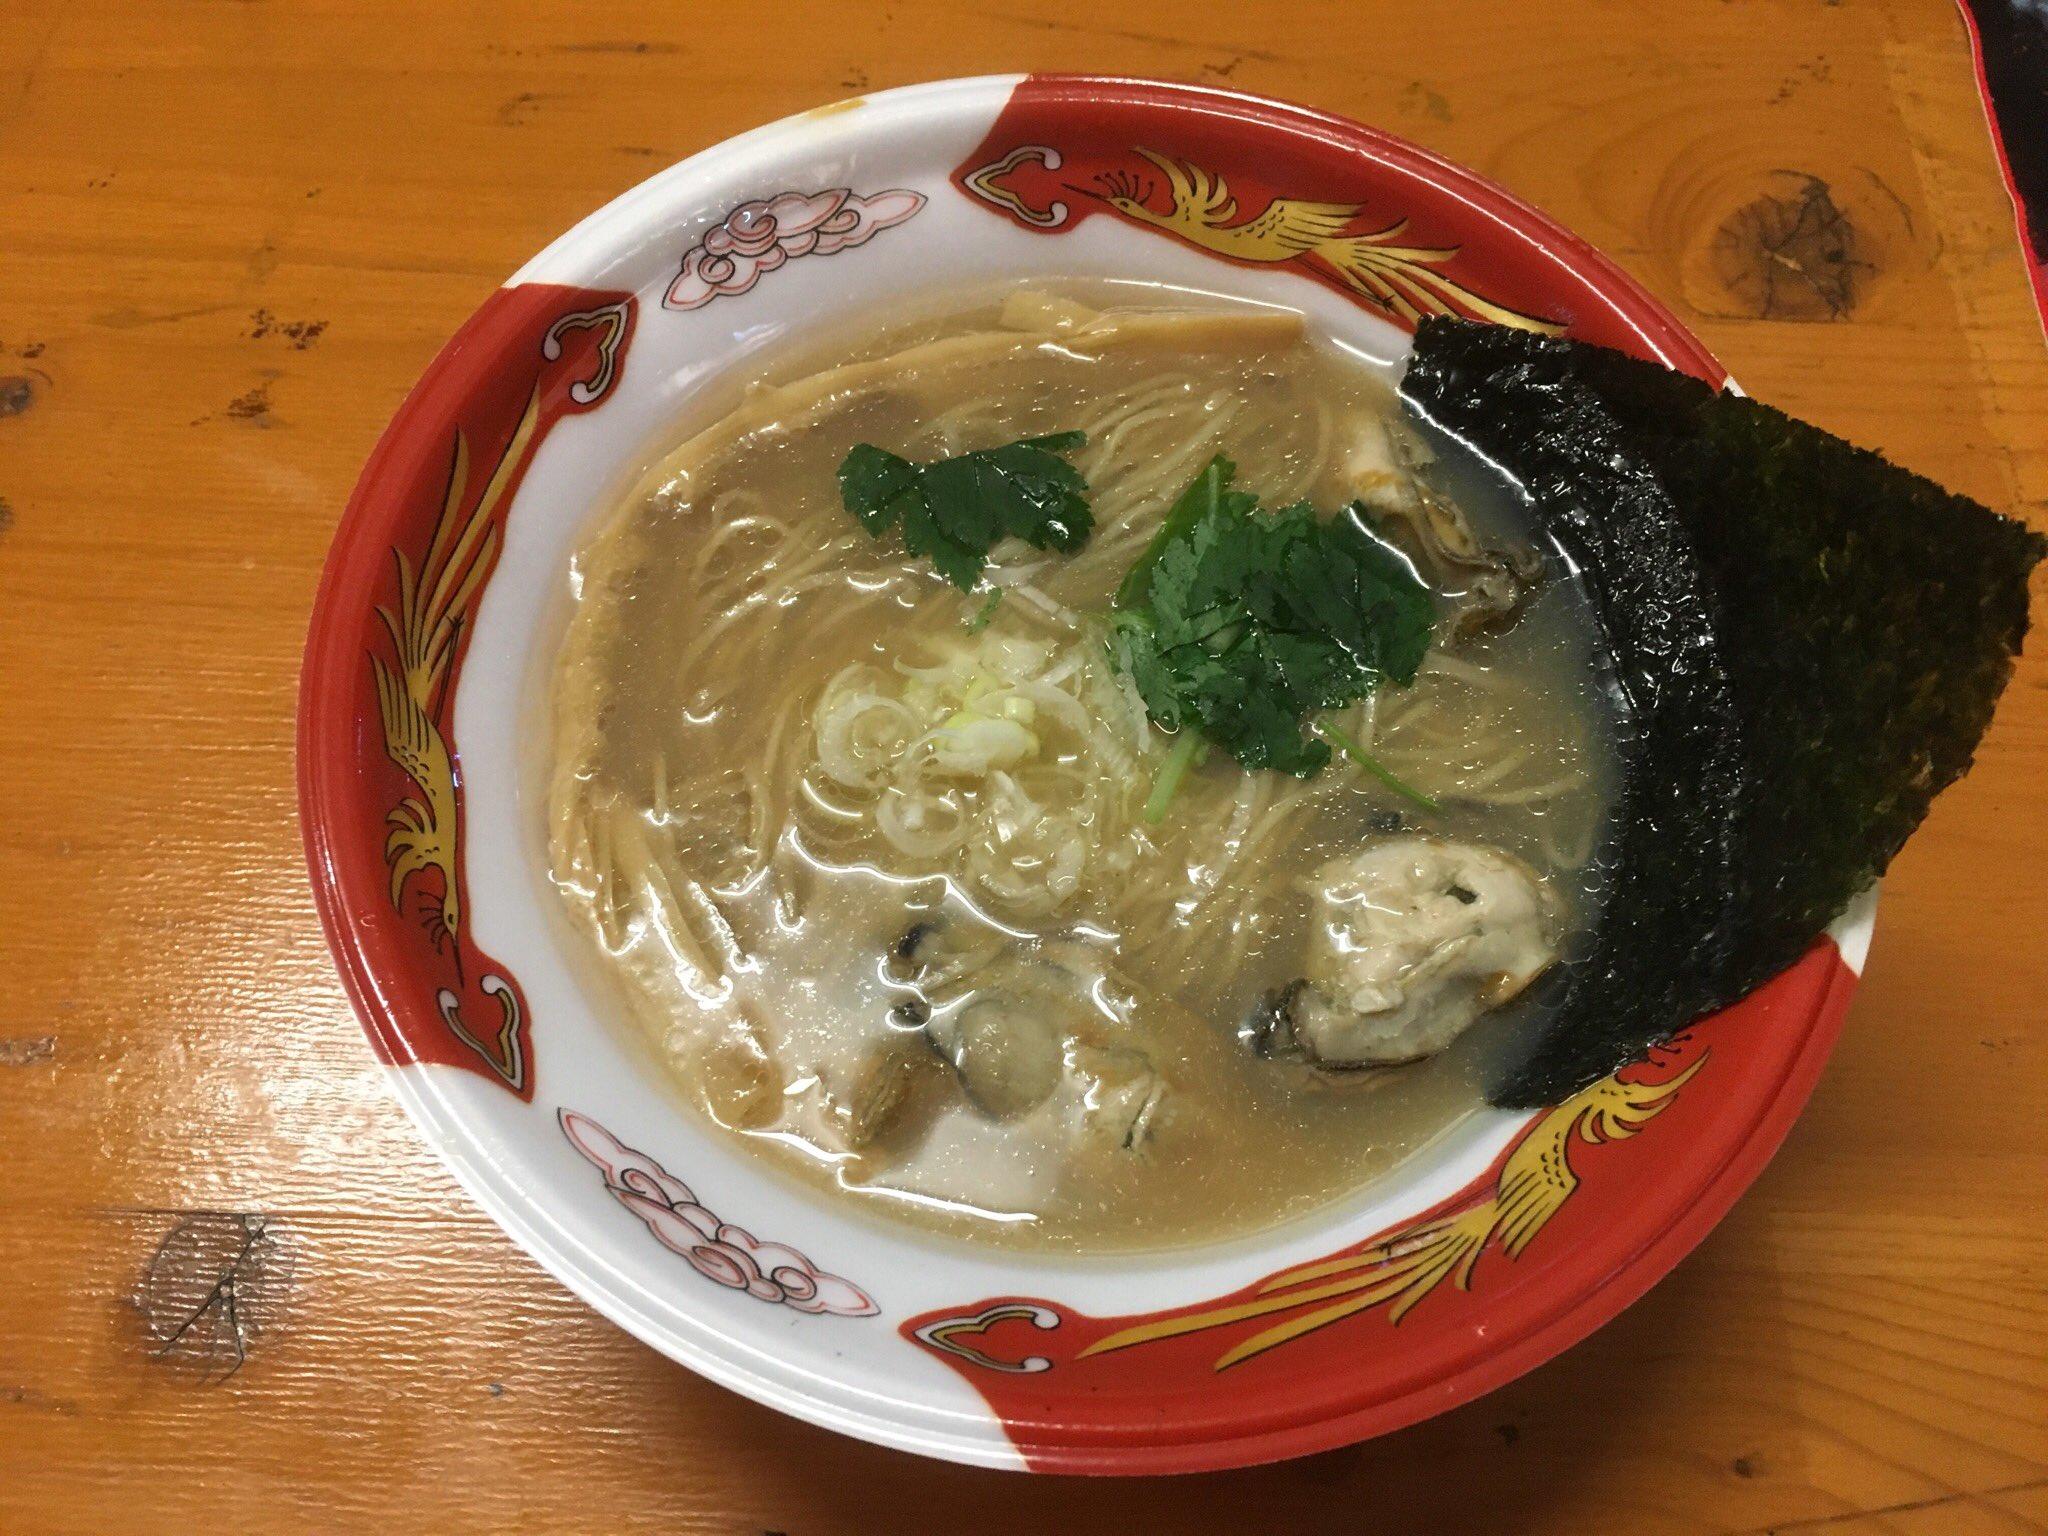 埼玉県よしかわ,中華そば,ラーメン店,美味しい,トッピング,カロリー